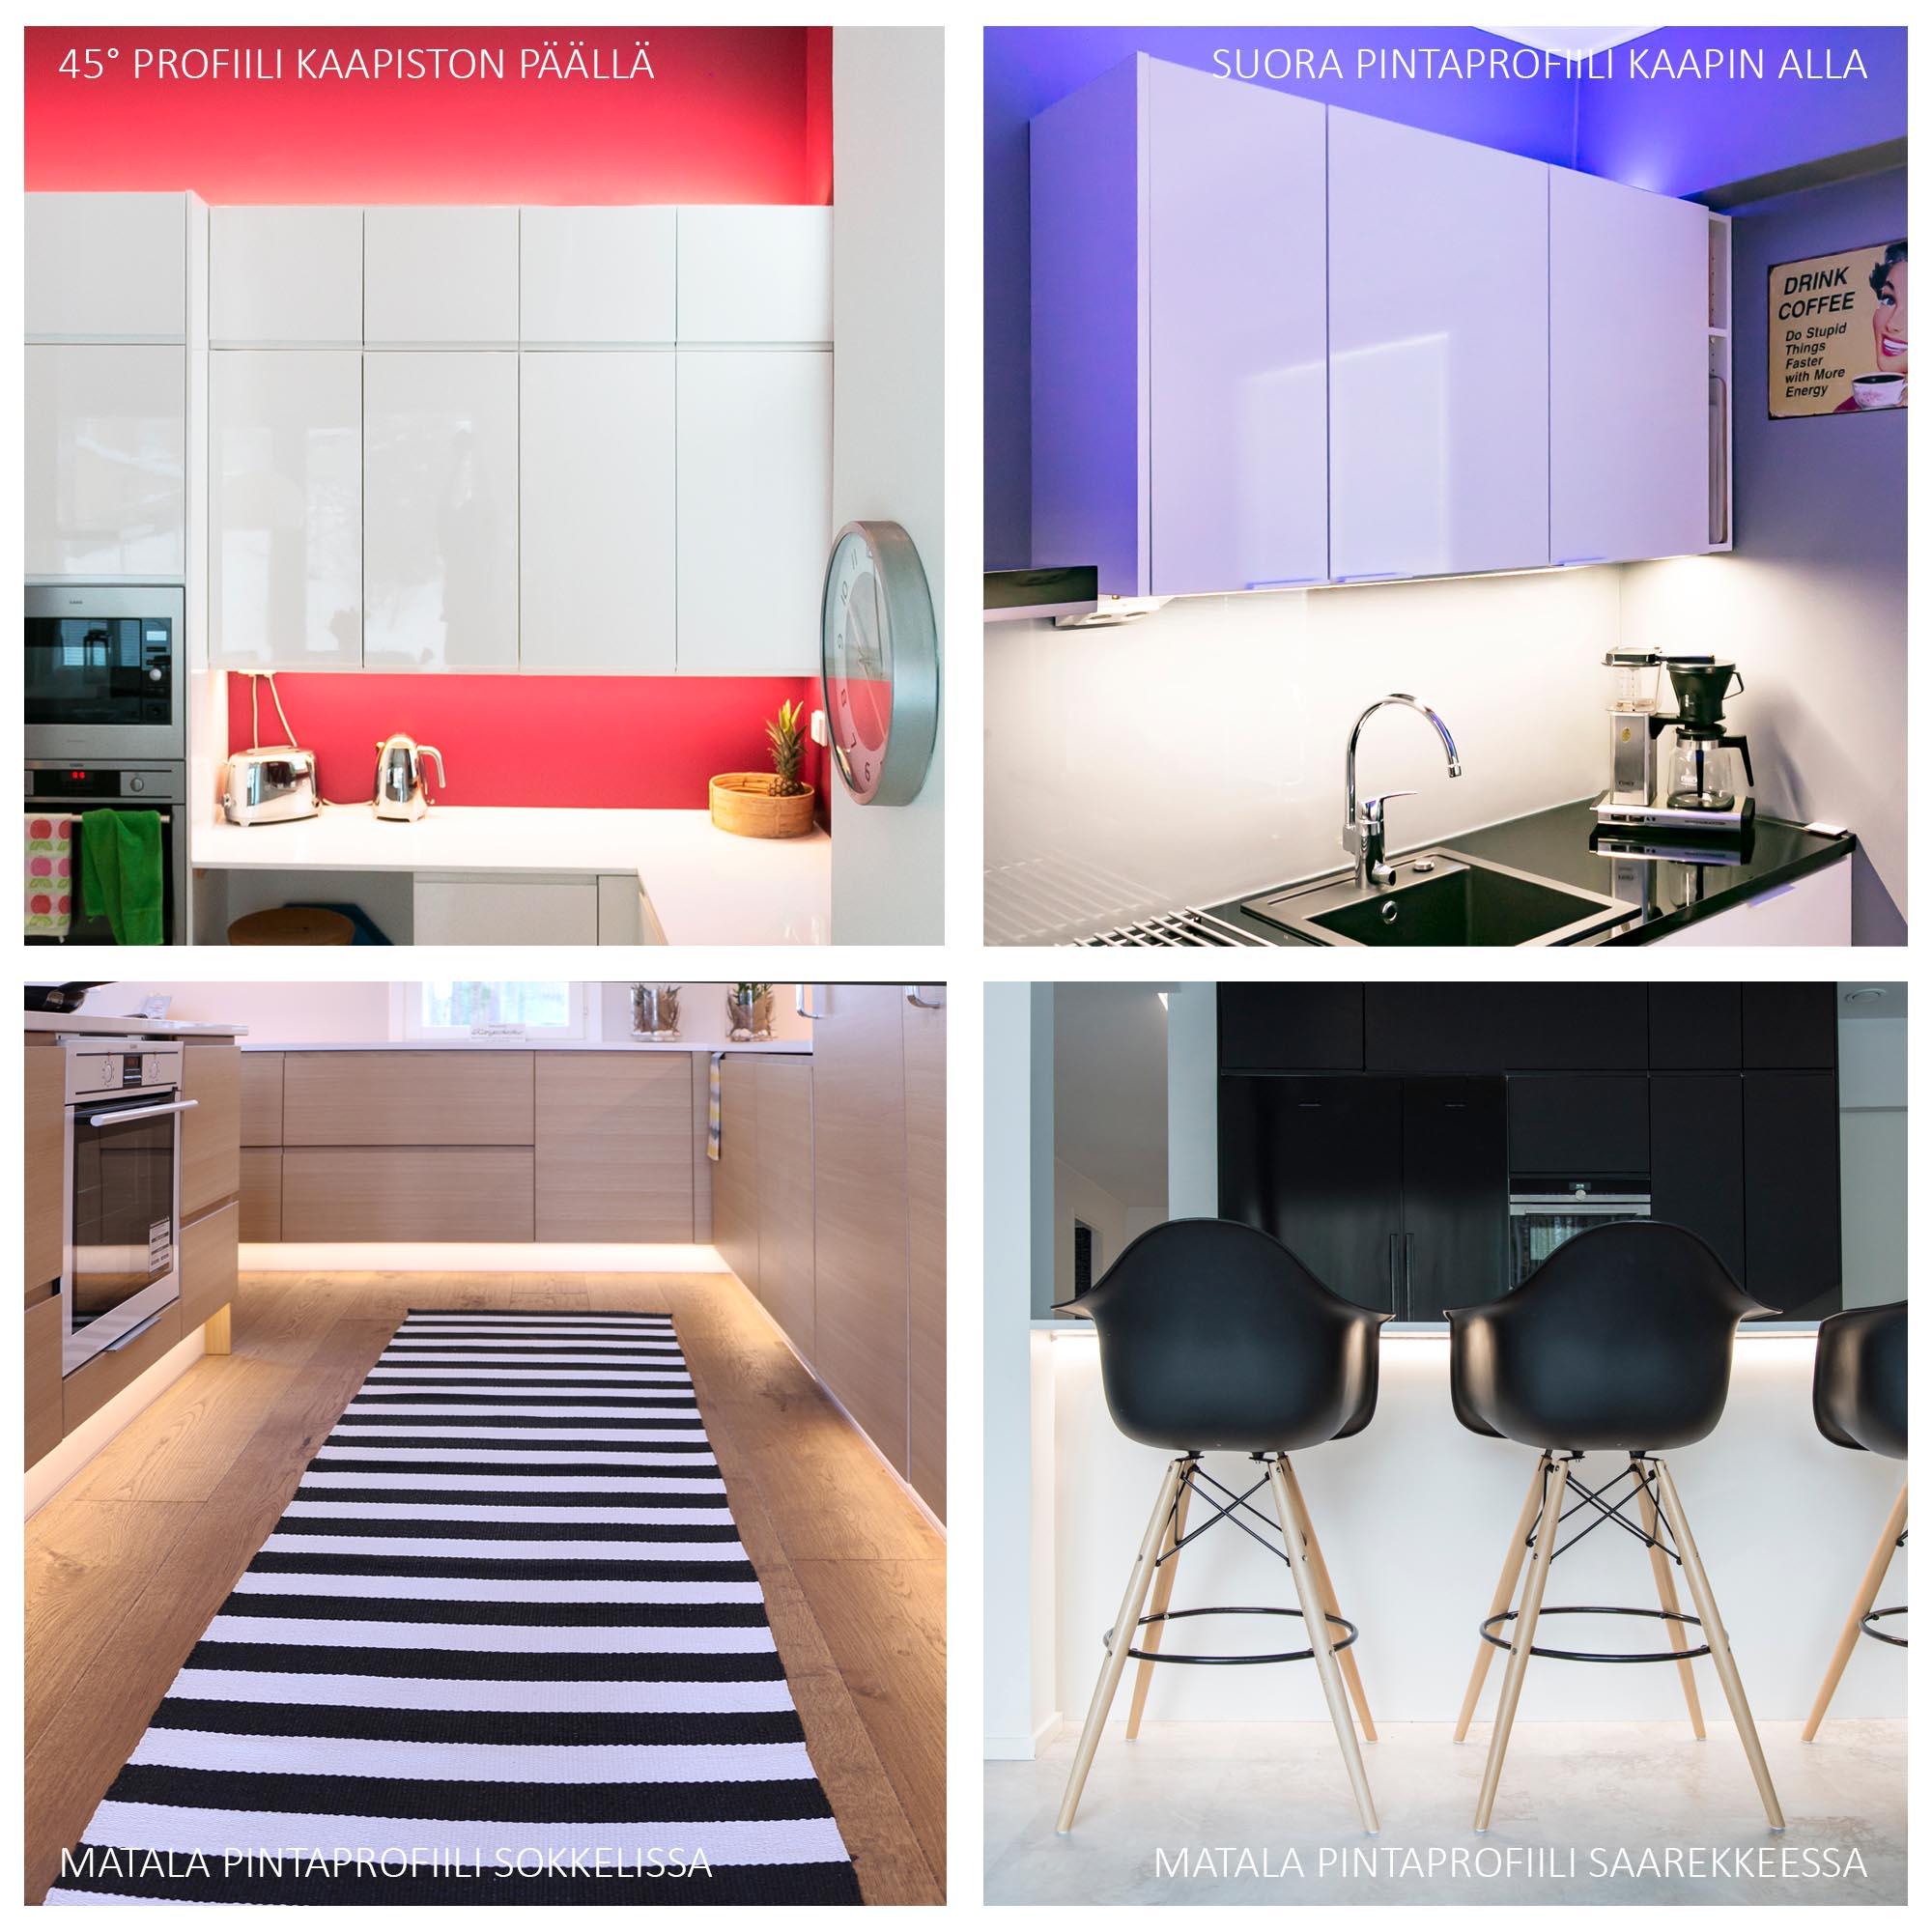 Led-nauhoja voidaan hyödyntää kodin eri huoneissa.